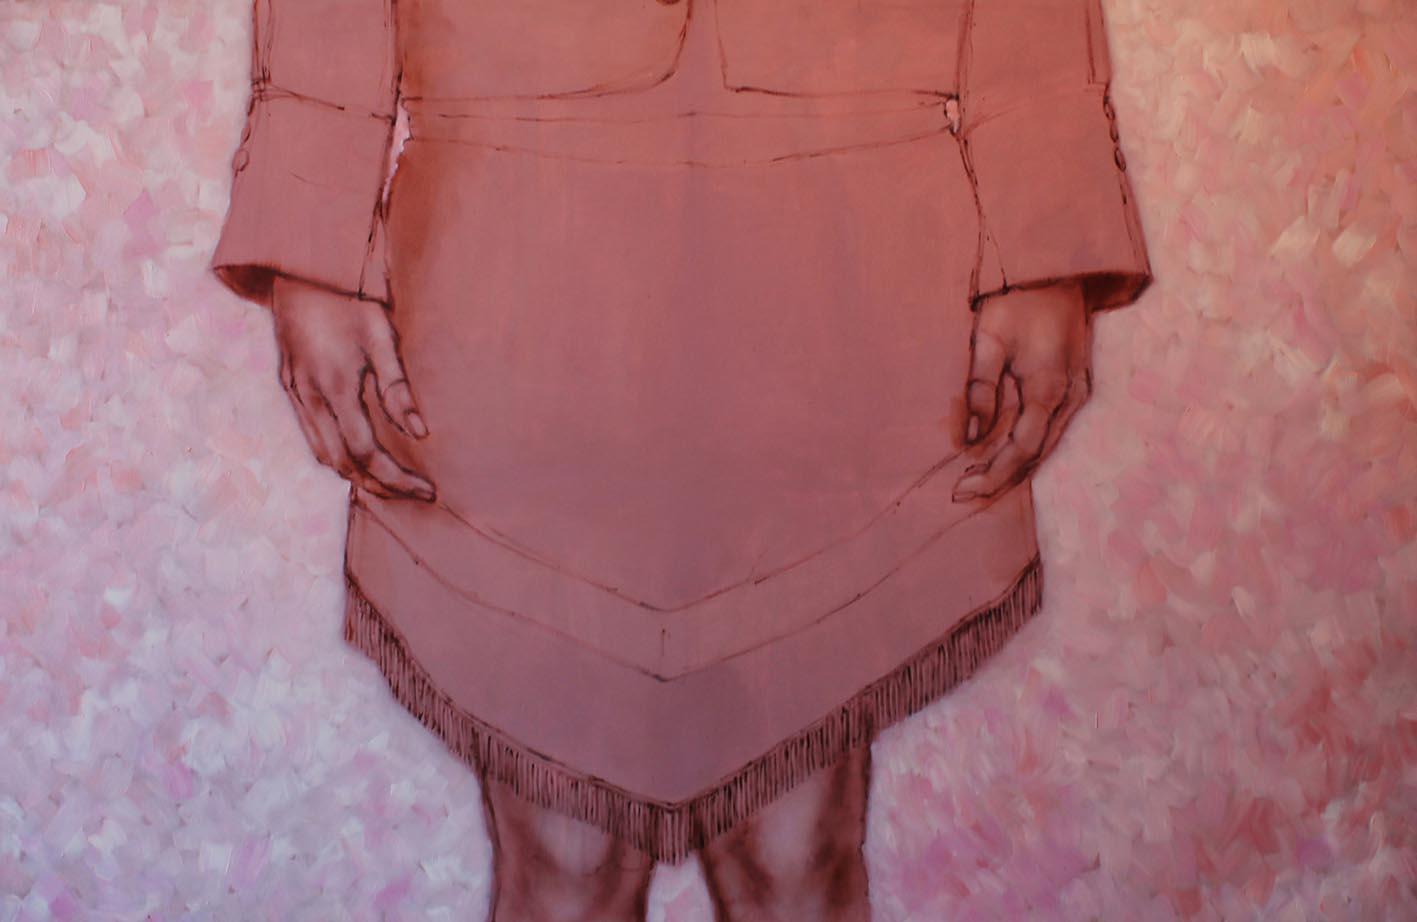 Senza titolo, |Acrilico e Olio su tela, 70x100cm, 2012